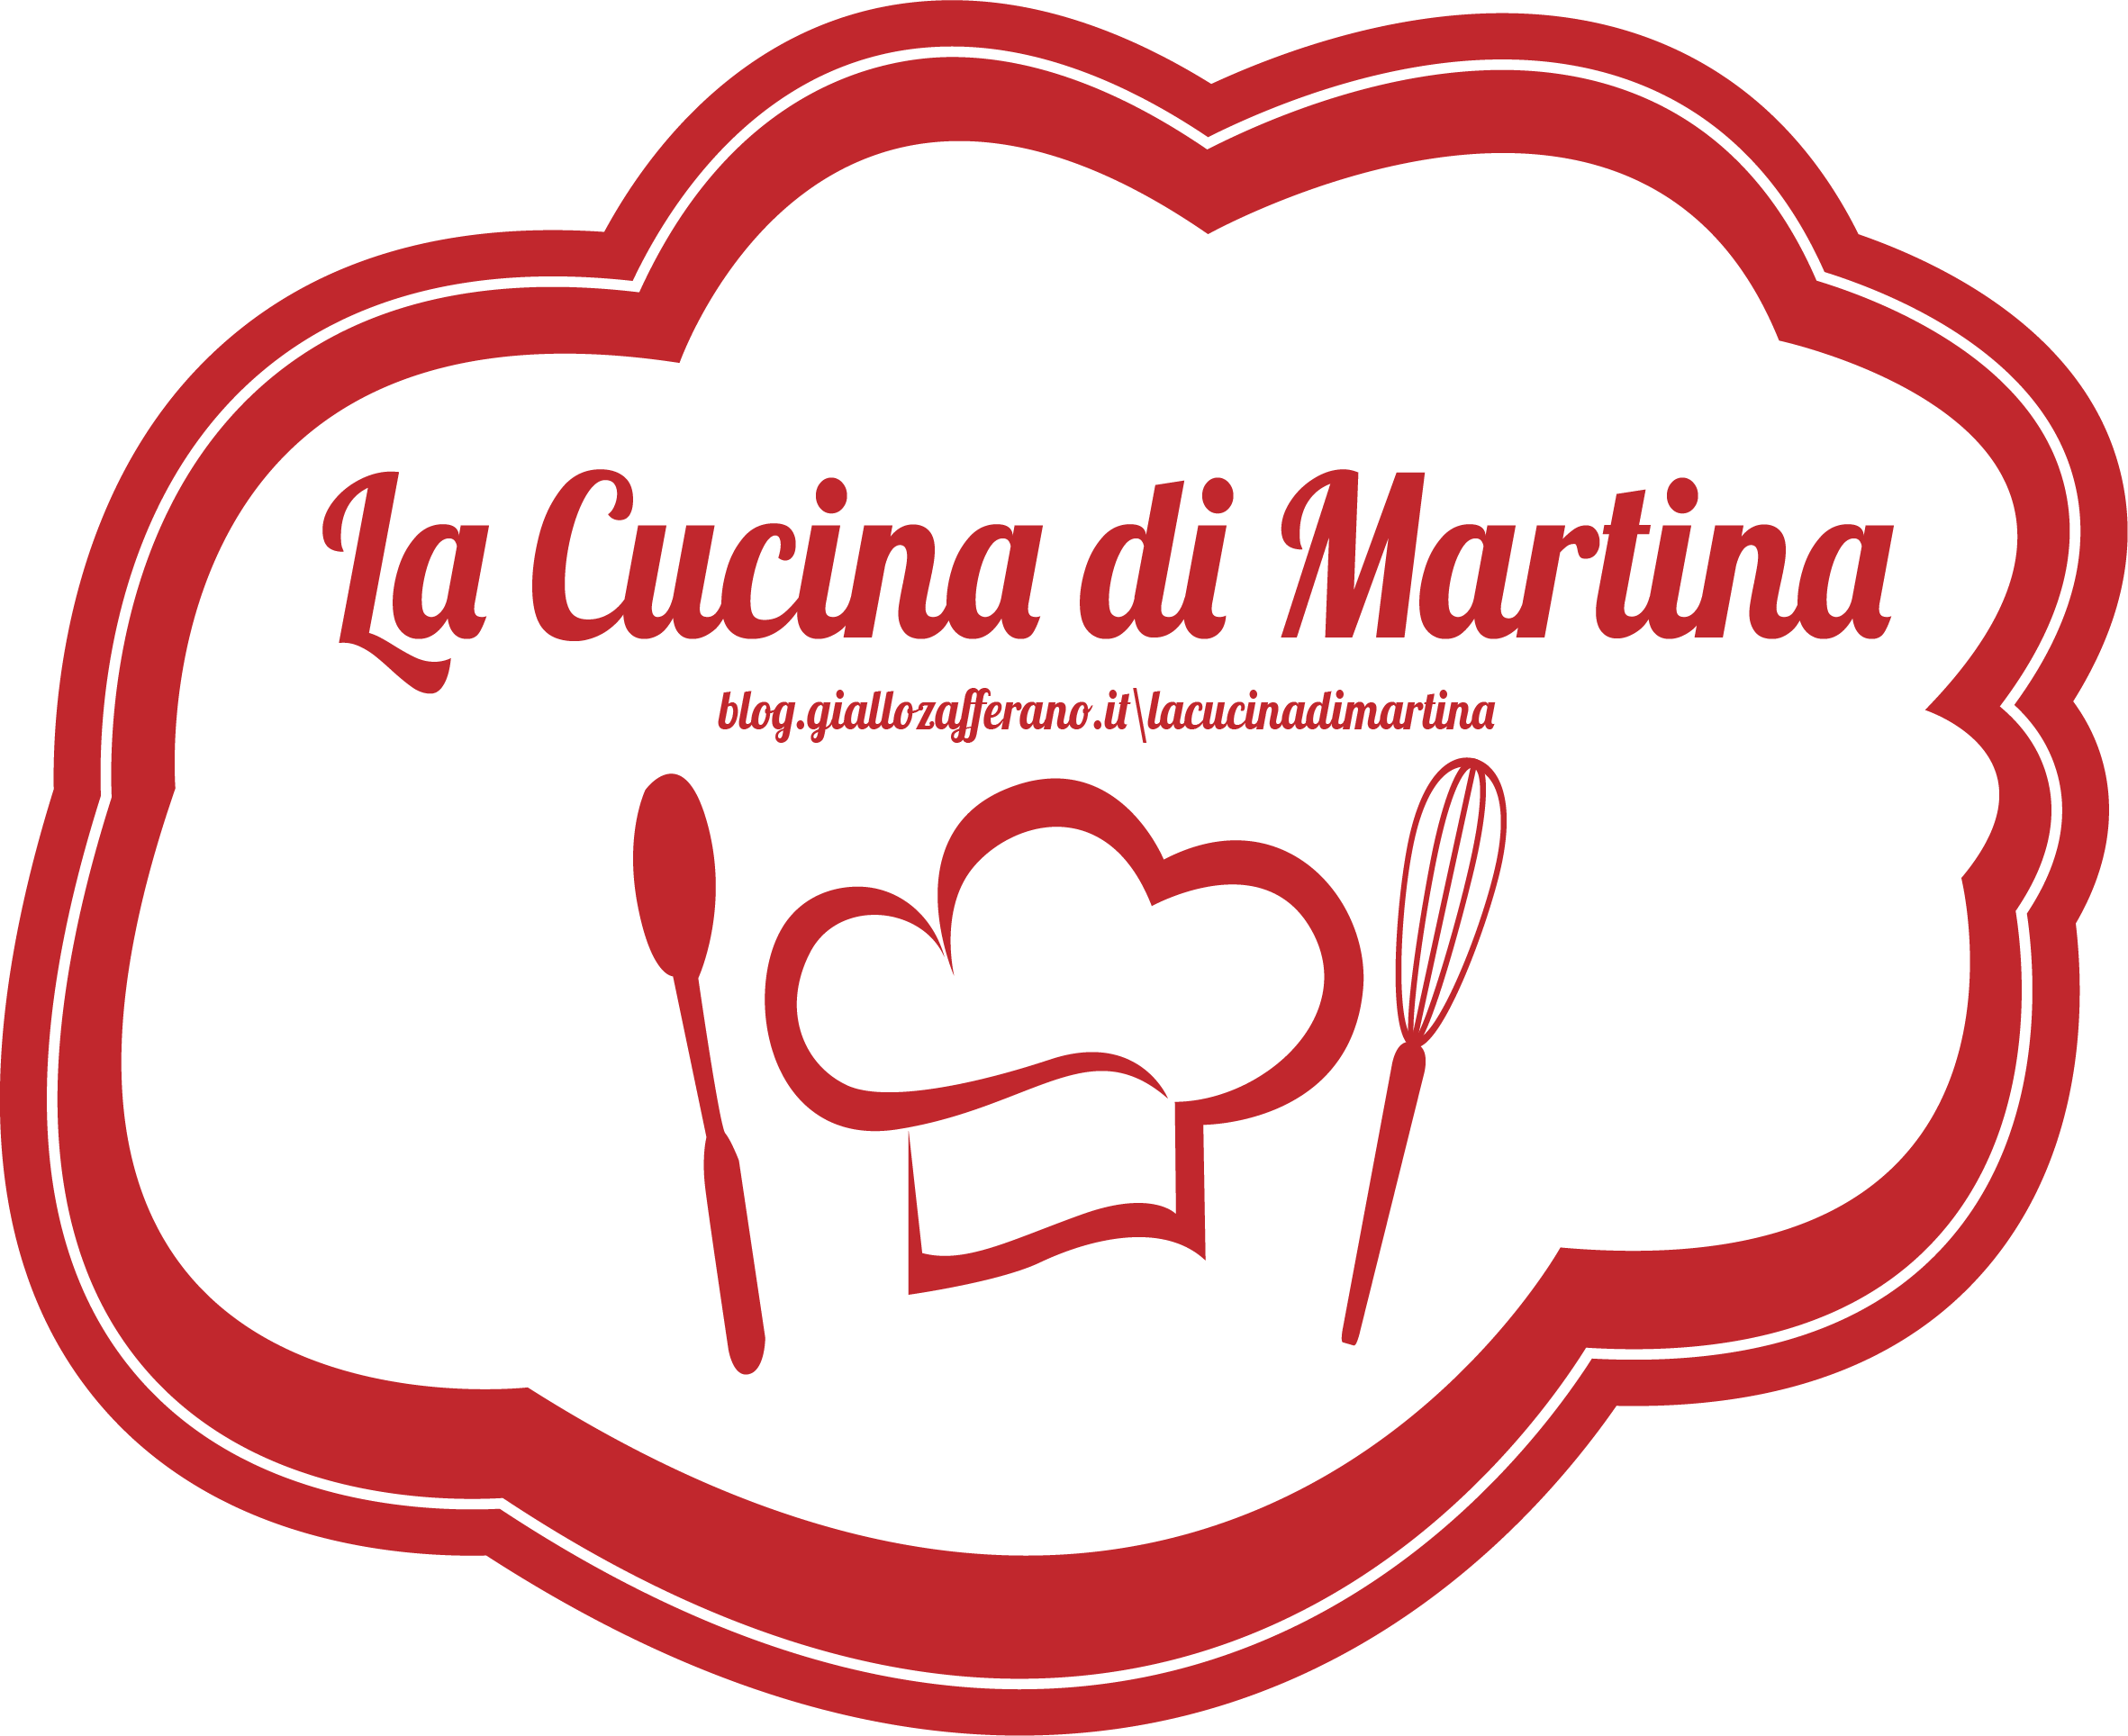 La cucina di Martina